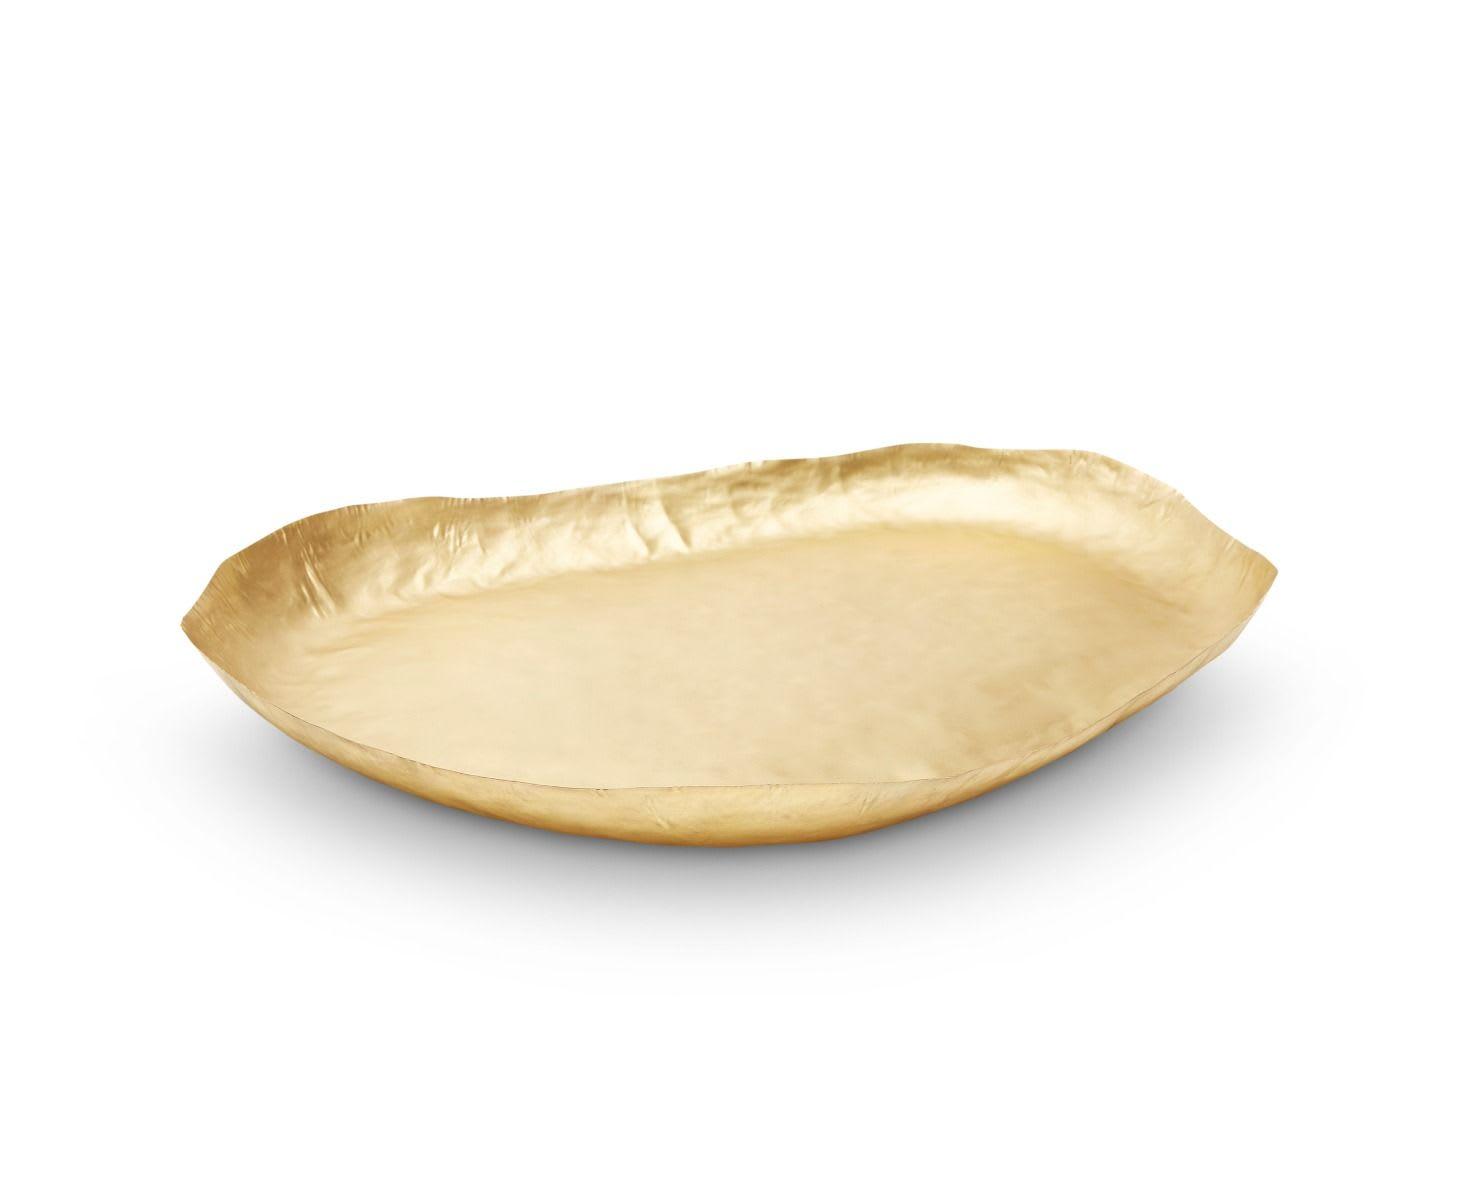 Bash Platter - +$200.86